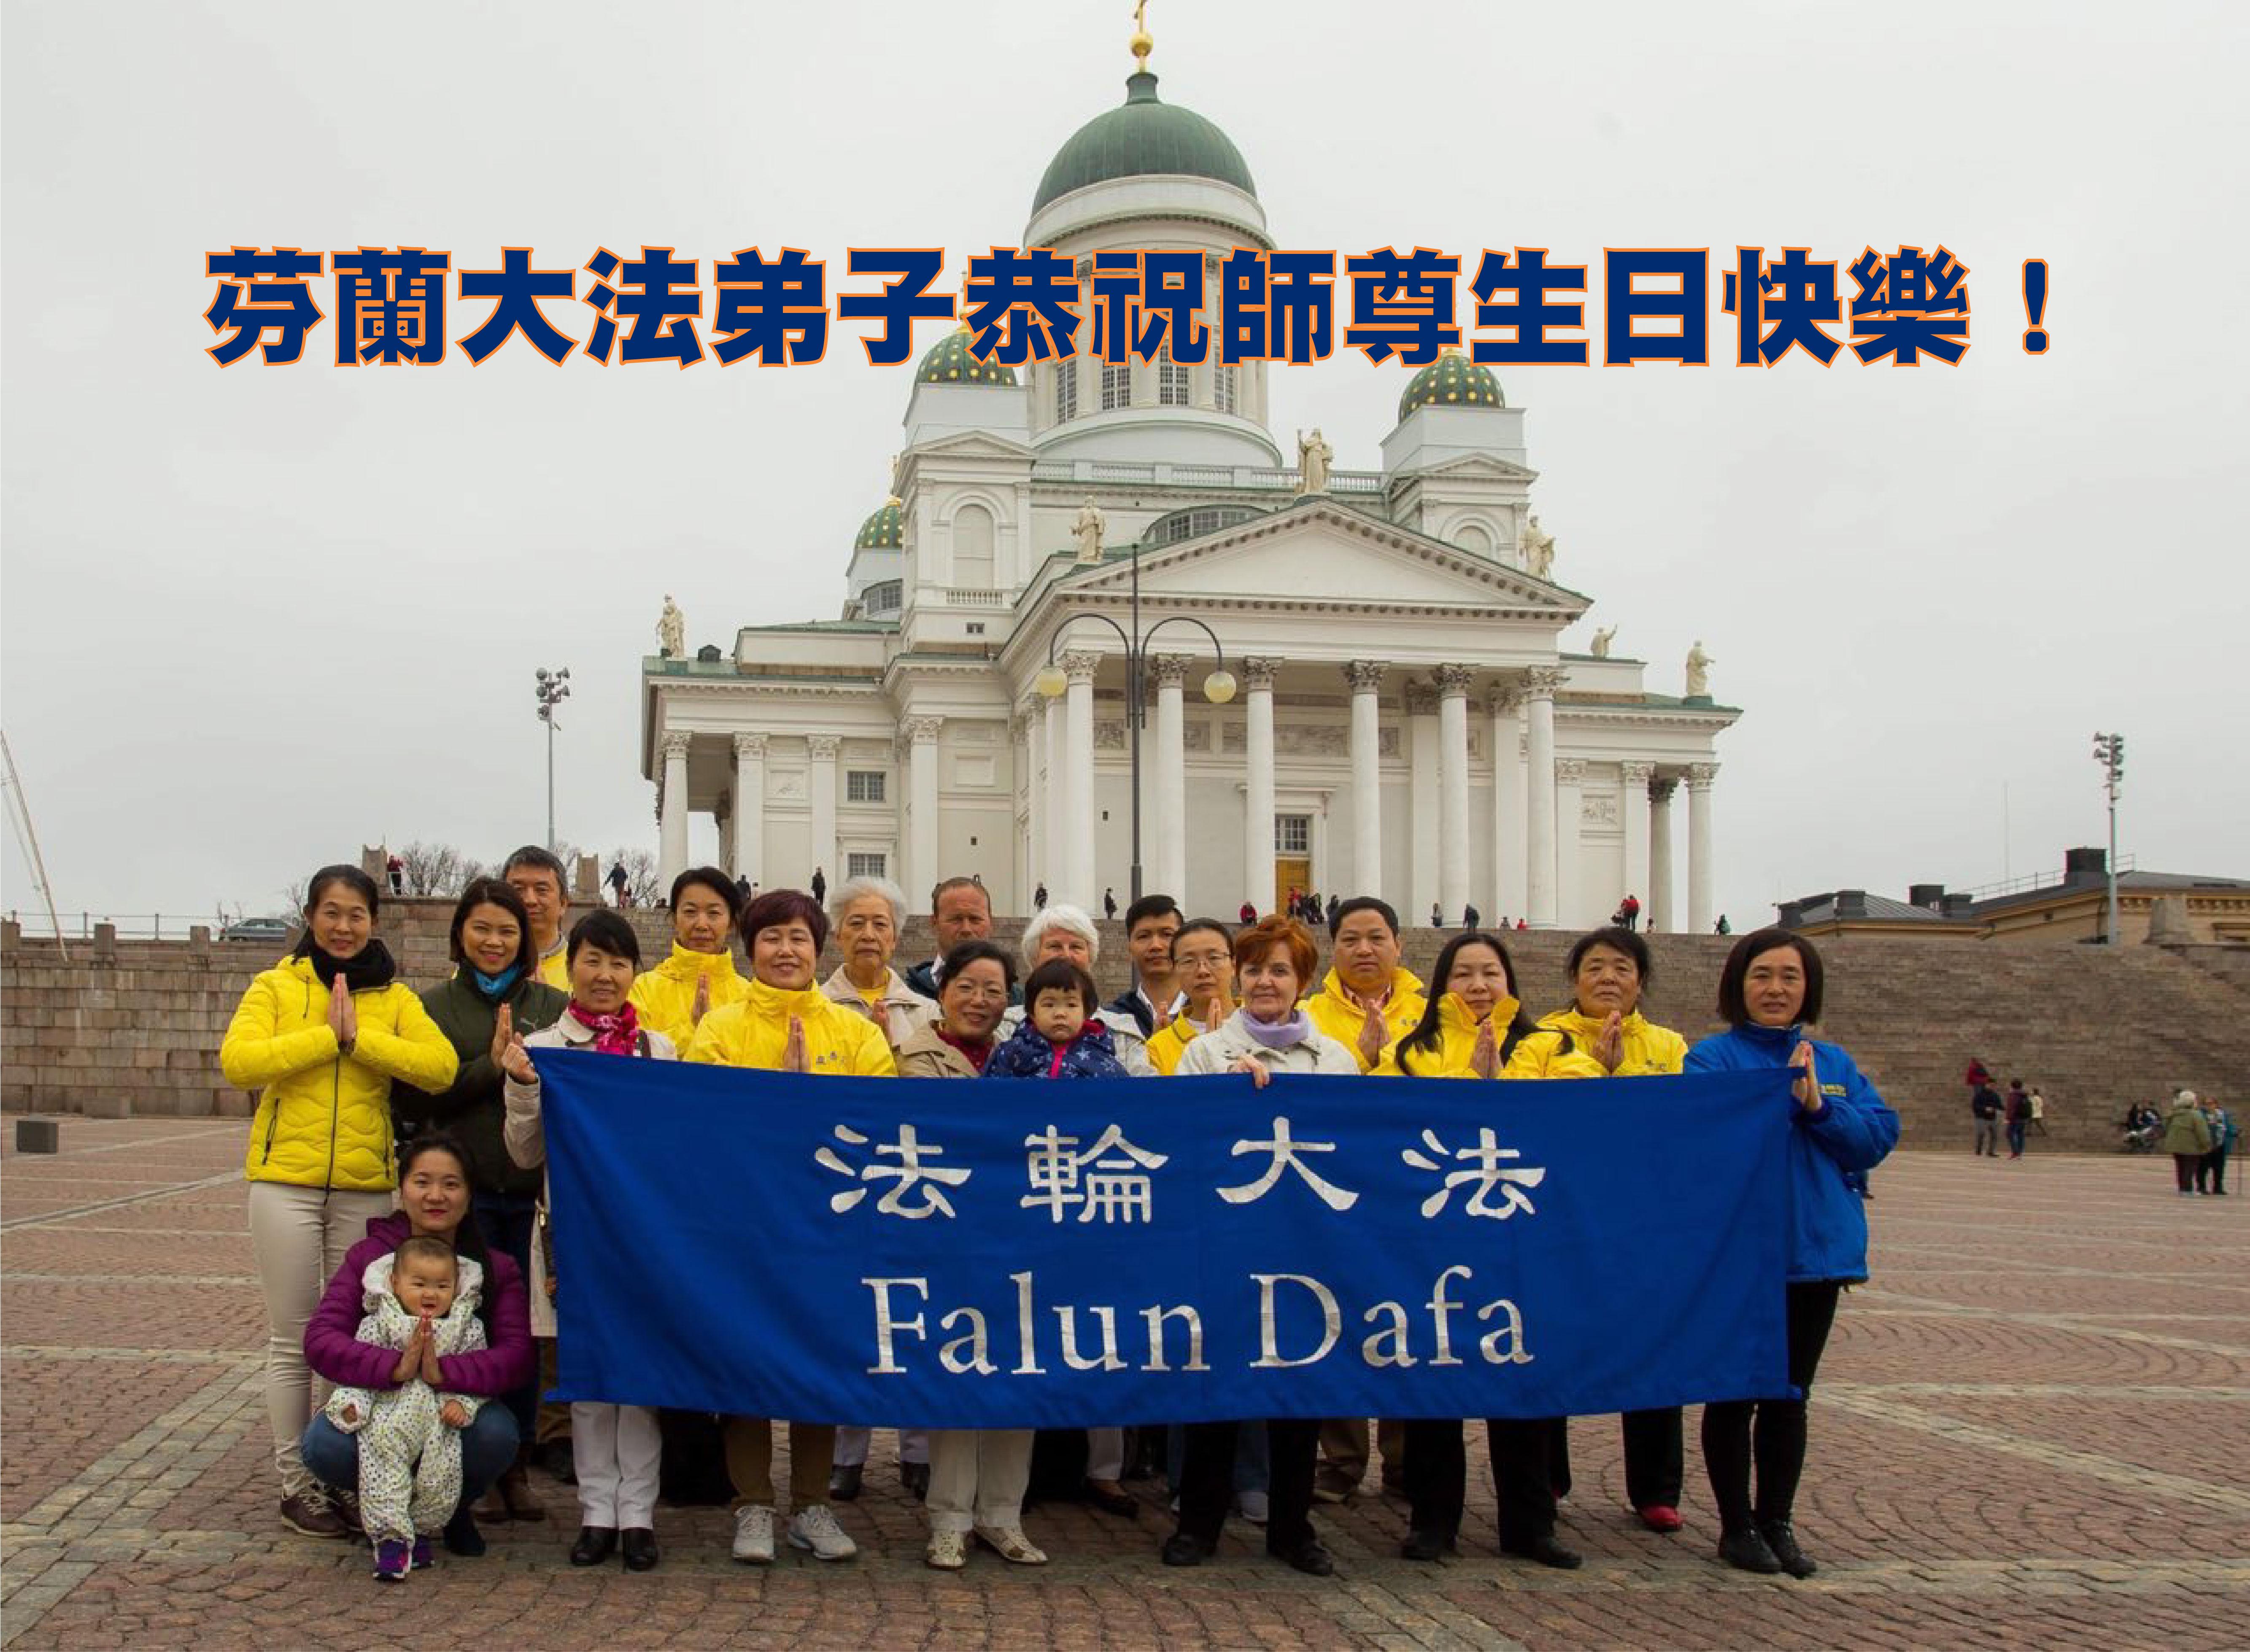 芬蘭法輪功學員合照,祝李洪志師父生日快樂。(大紀元)